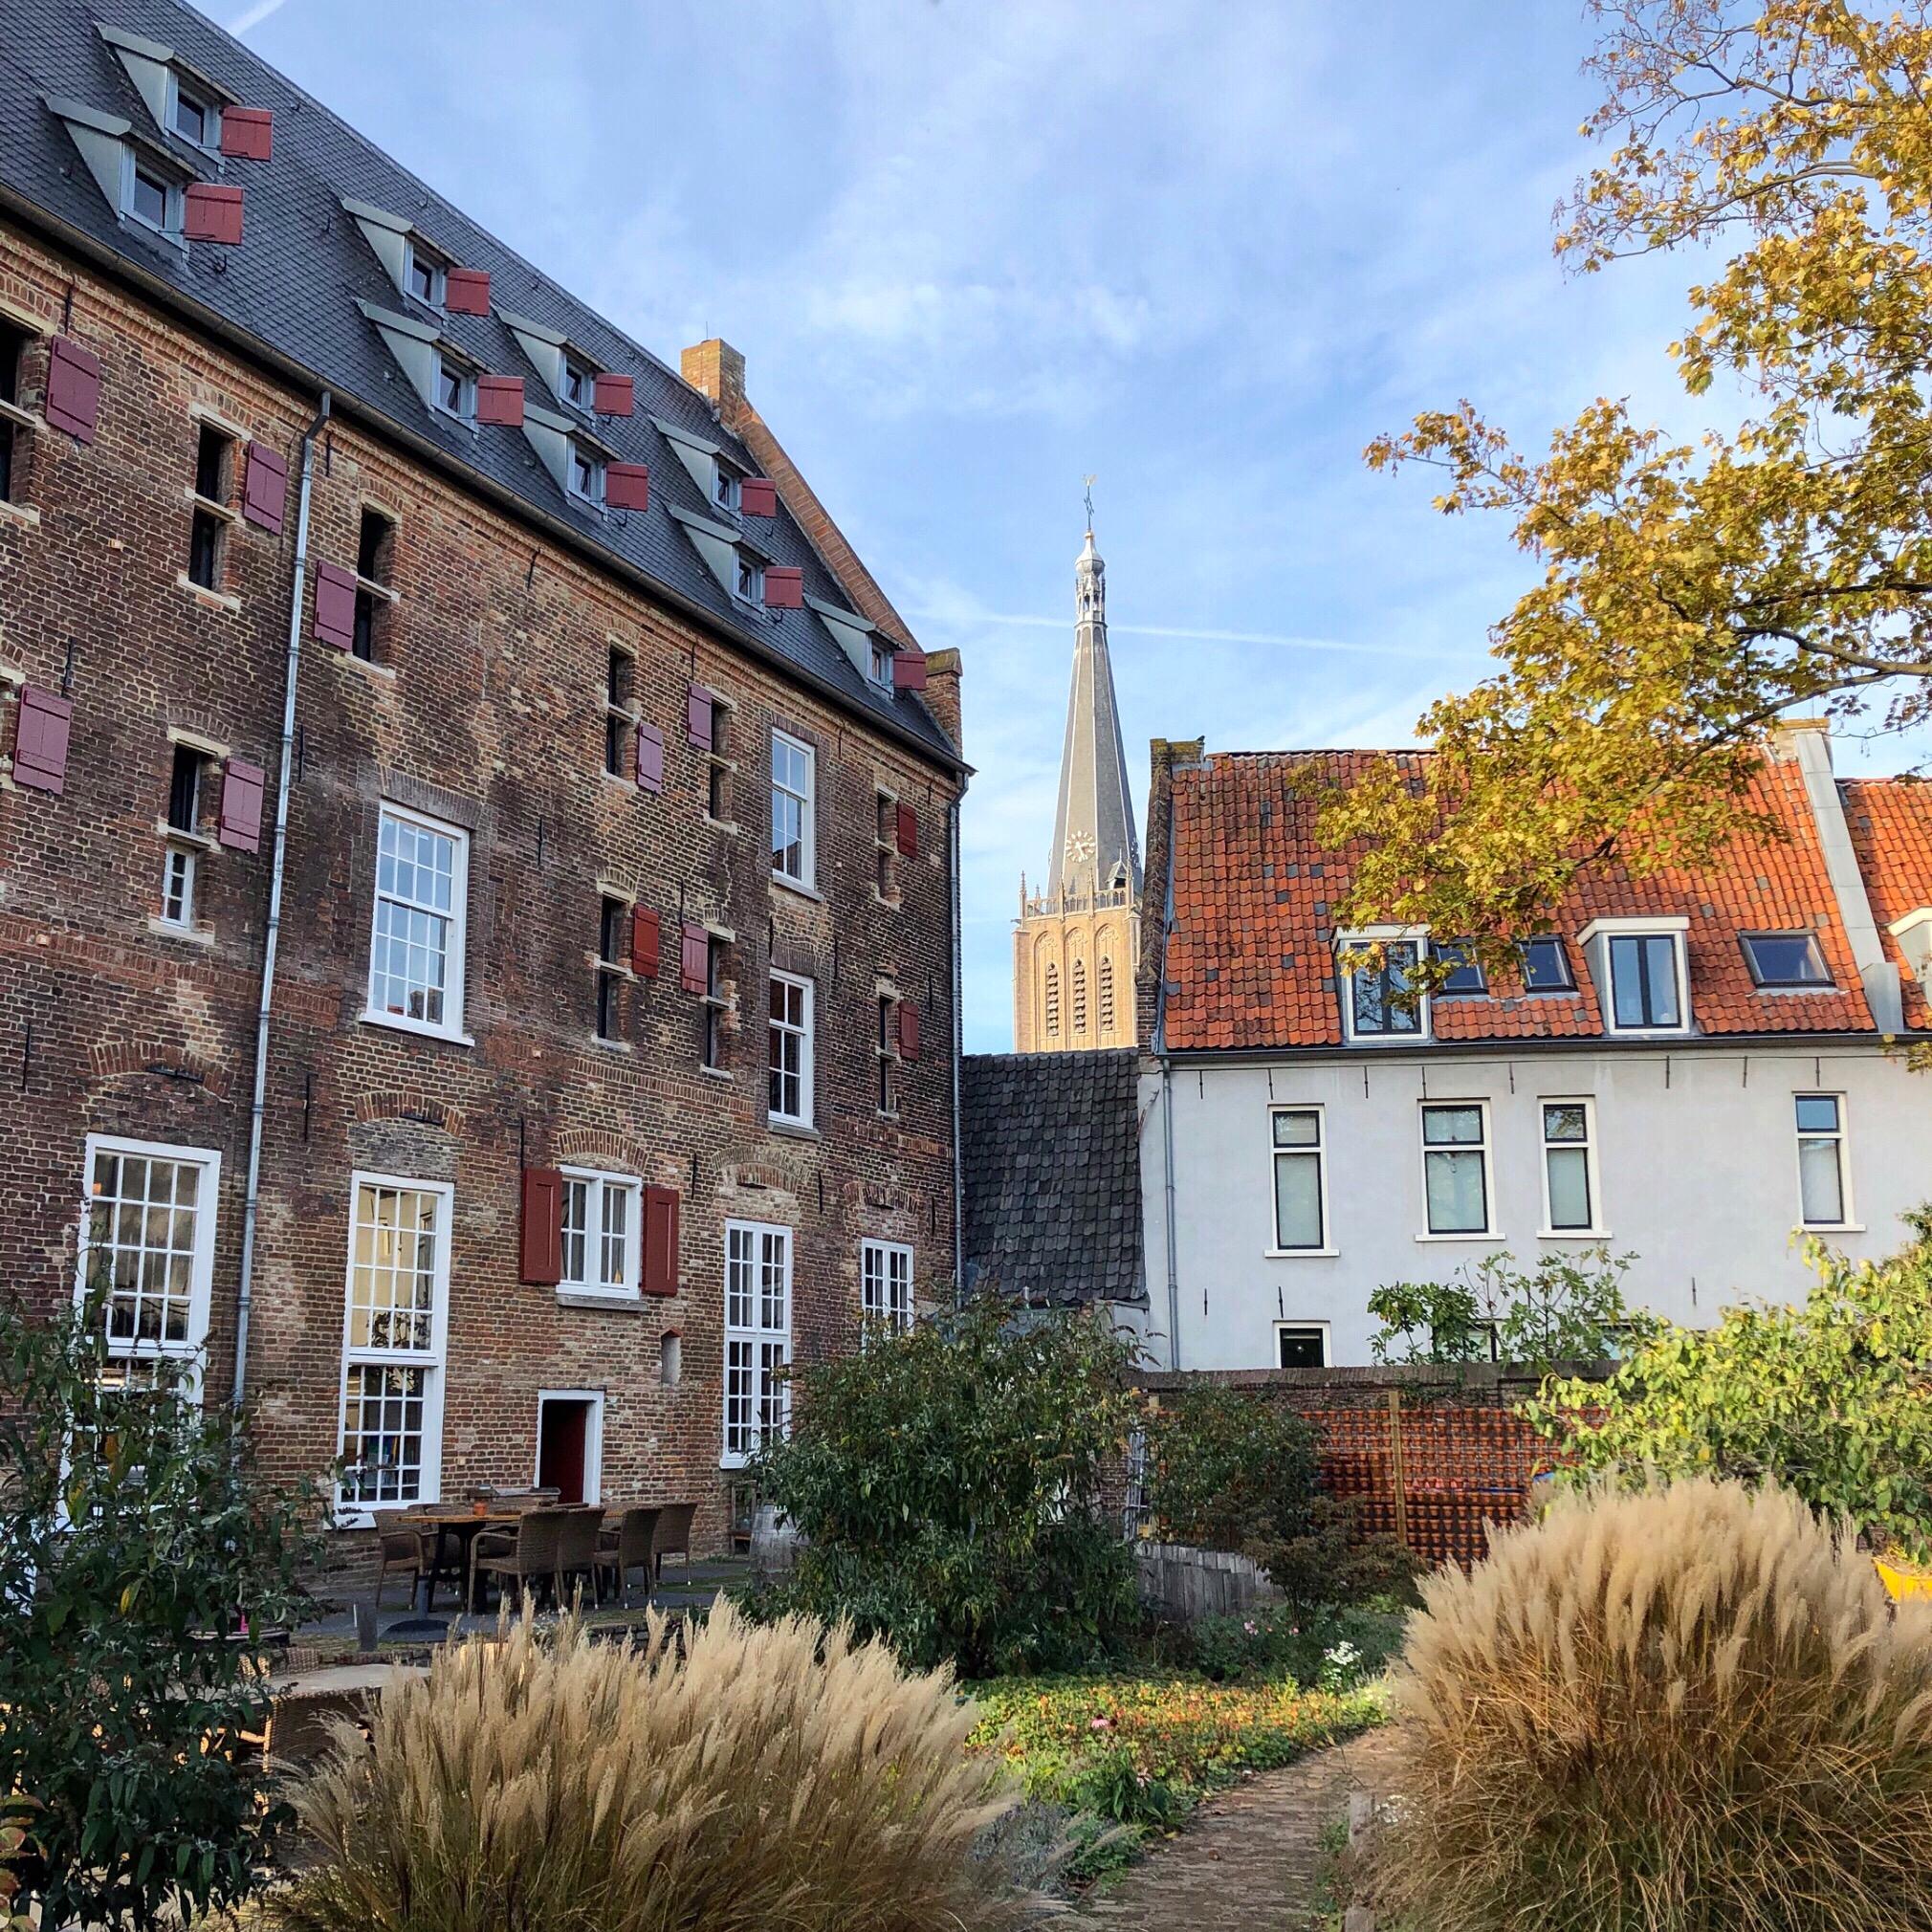 Eeuwenoud pand in hartje Doesburg, met tuin in herfstkleuren